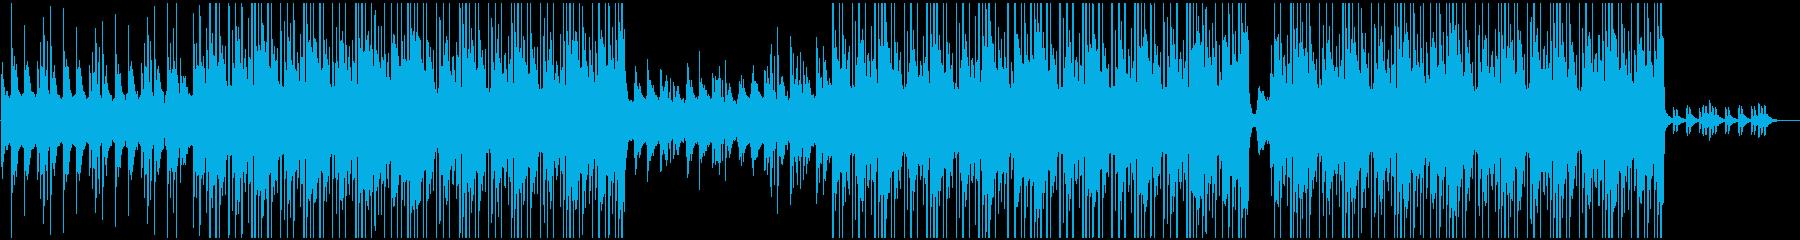 琴を使用した和風ローファイヒップホップの再生済みの波形